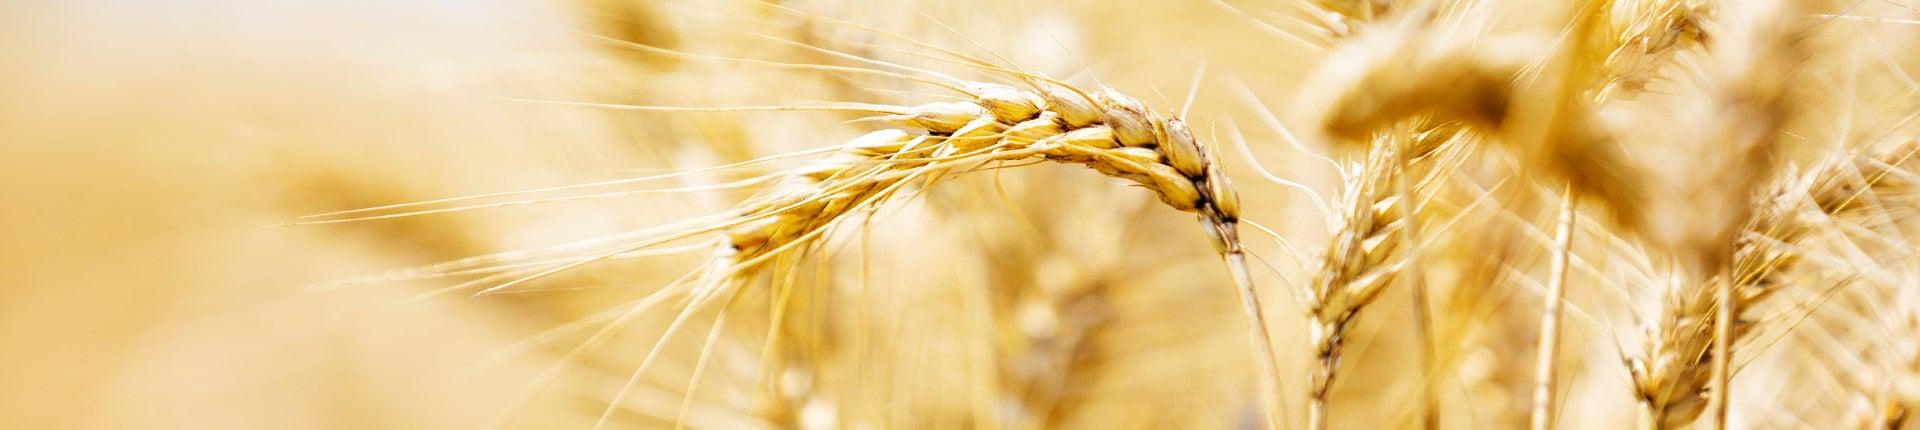 Naturalne toksyny w jedzeniu: rtęć i selen